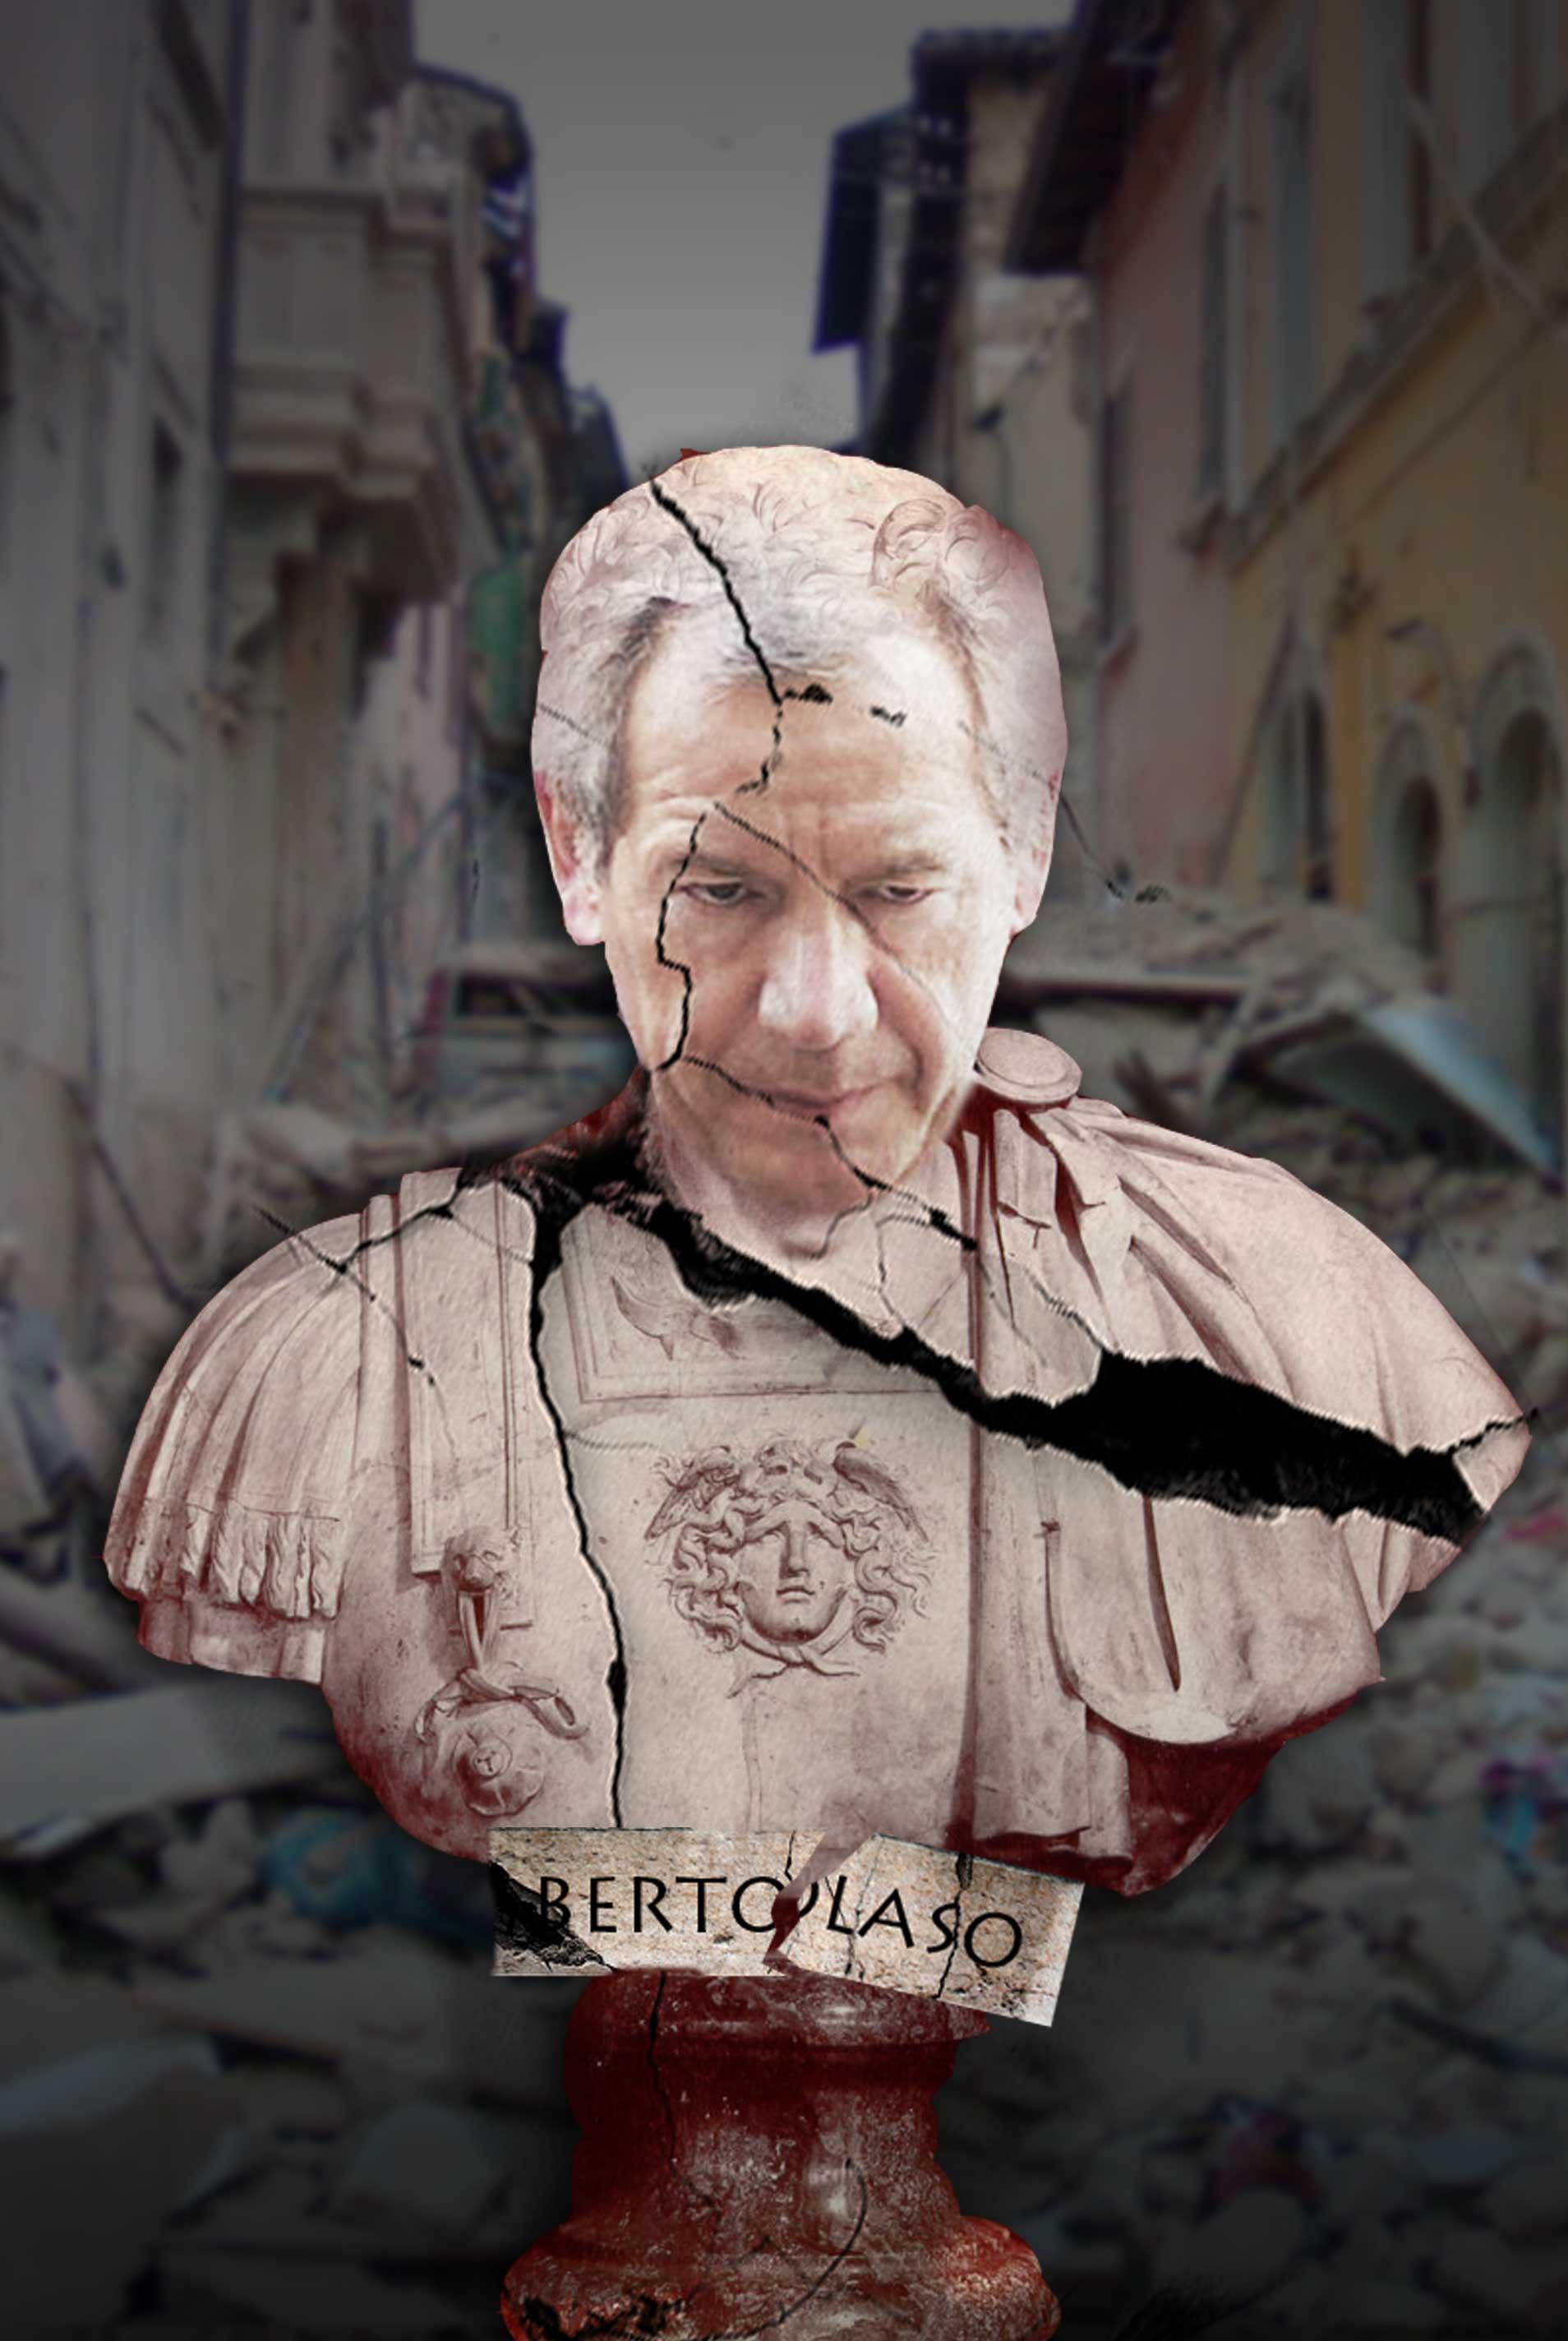 L'Infedele e lo scandalo della Bertolaso s.p.a.